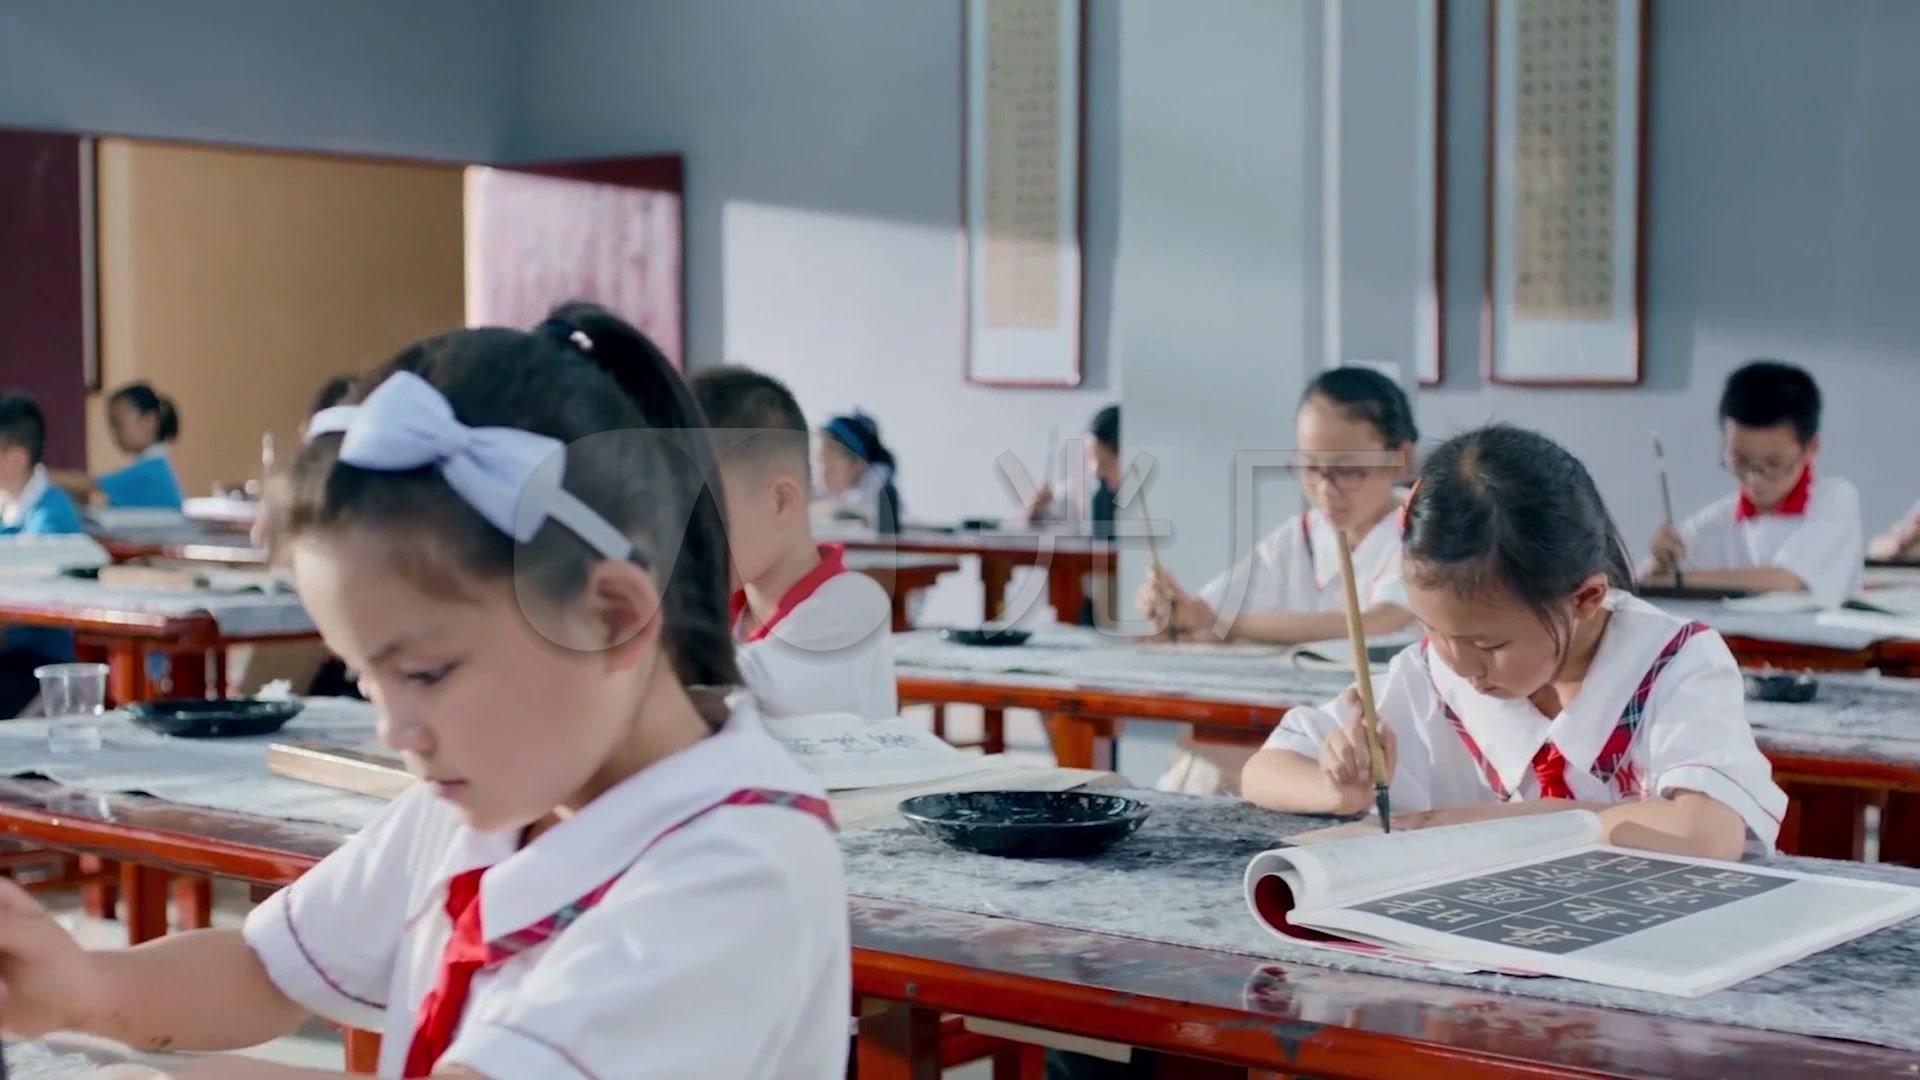 教学书法高清生写毛笔字_1920X1080_老师视平面设计v教学沈阳图片